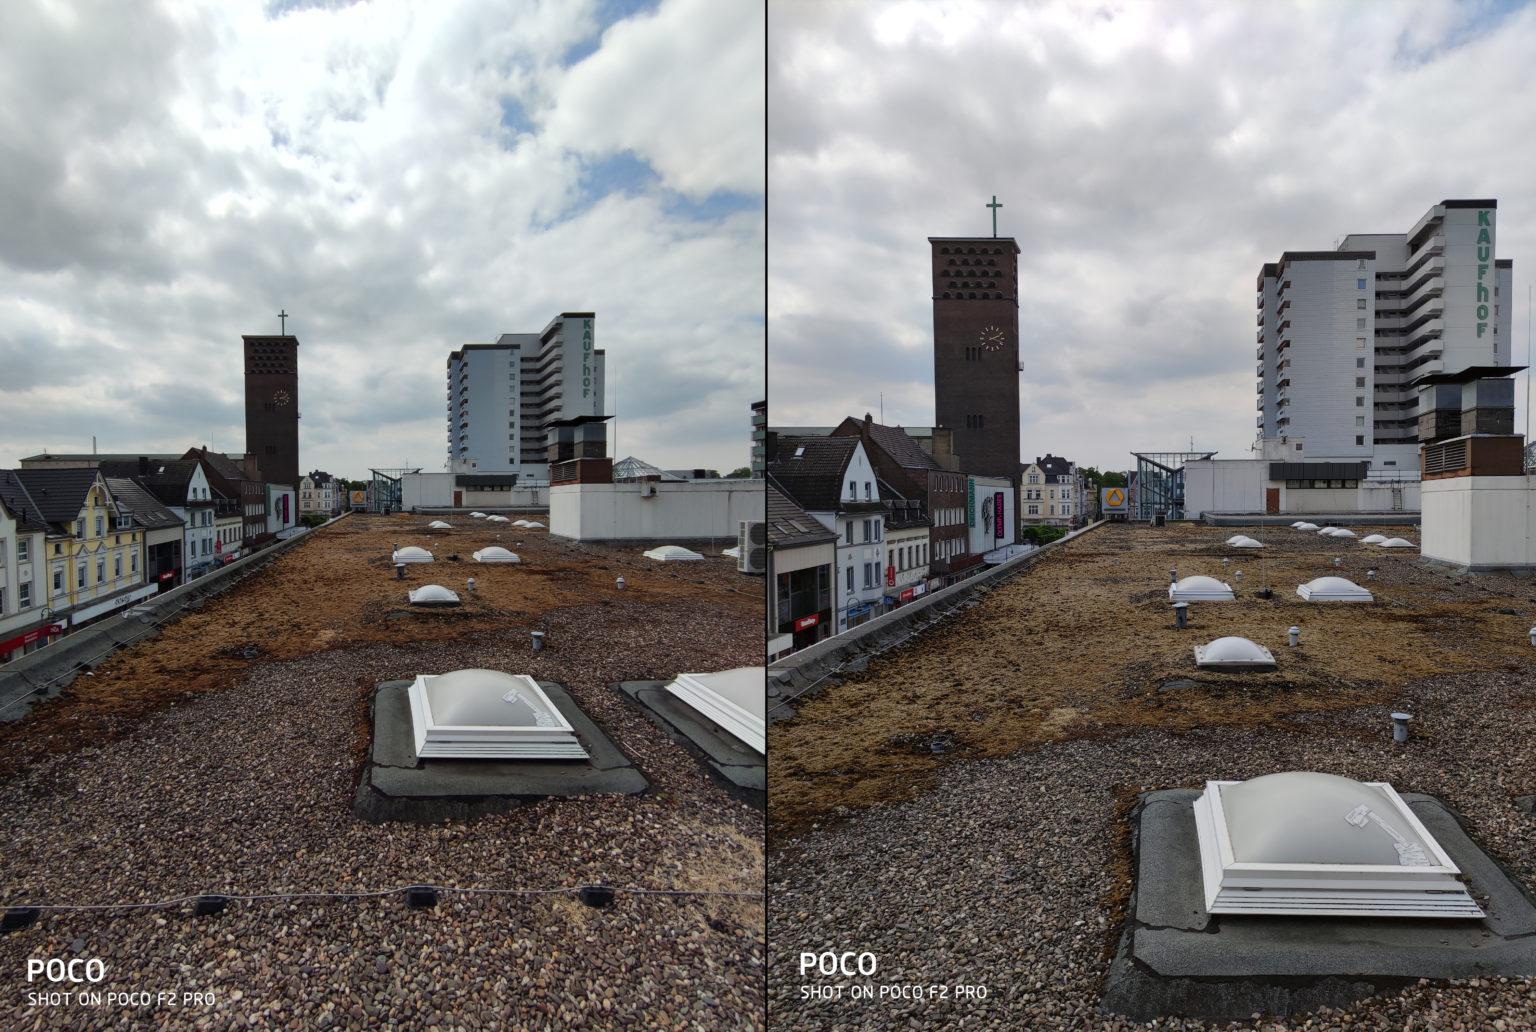 Foto de prueba de edificios con el modo normal y el ultra angular de la cámara principal del Pocophone F2 Pro